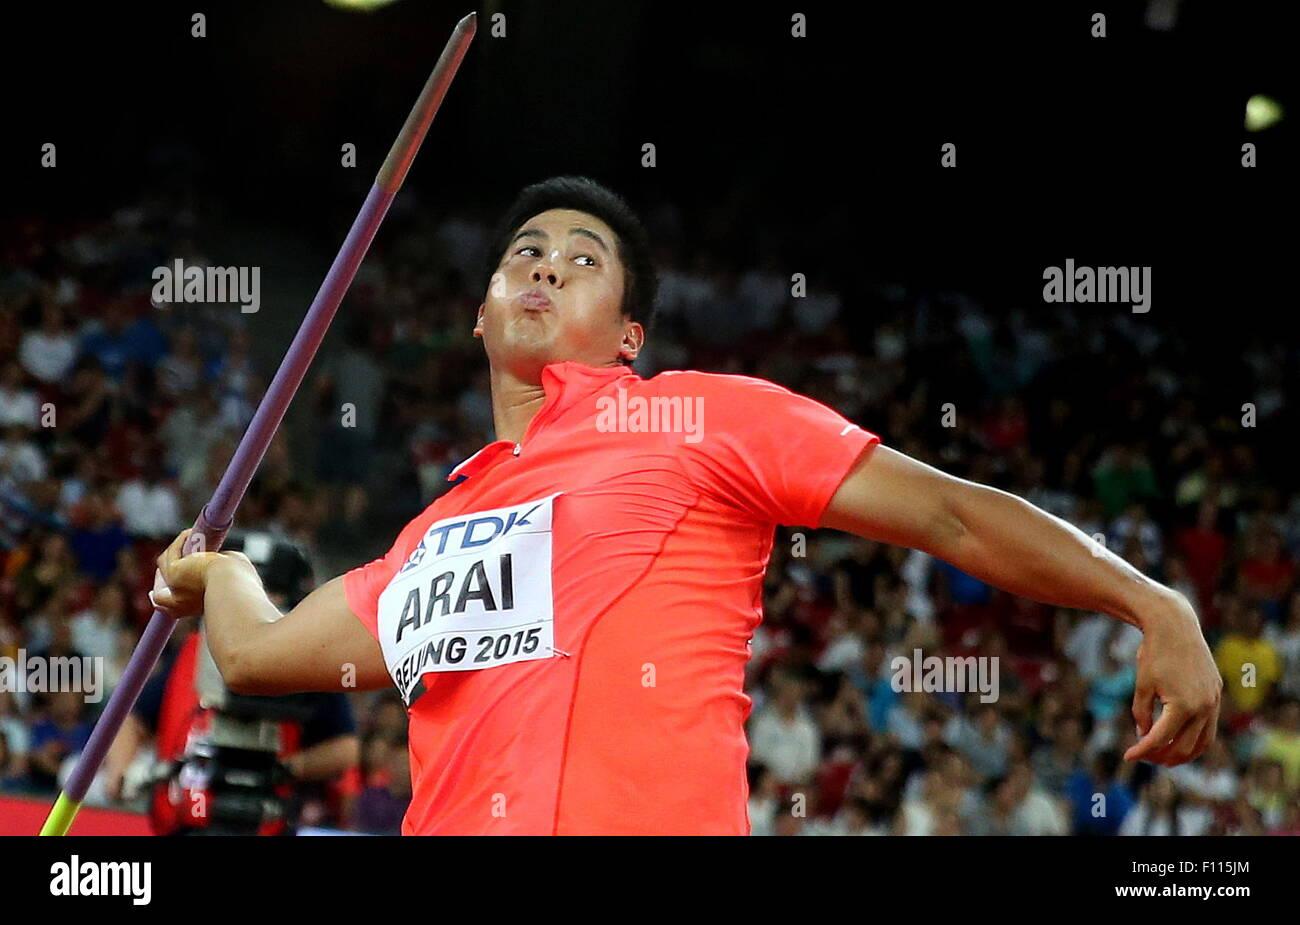 Pechino, Cina. 24 Ago, 2015. Il Giappone Ryohei Arai compete in Uomini Lancio del giavellotto Qualification round Immagini Stock